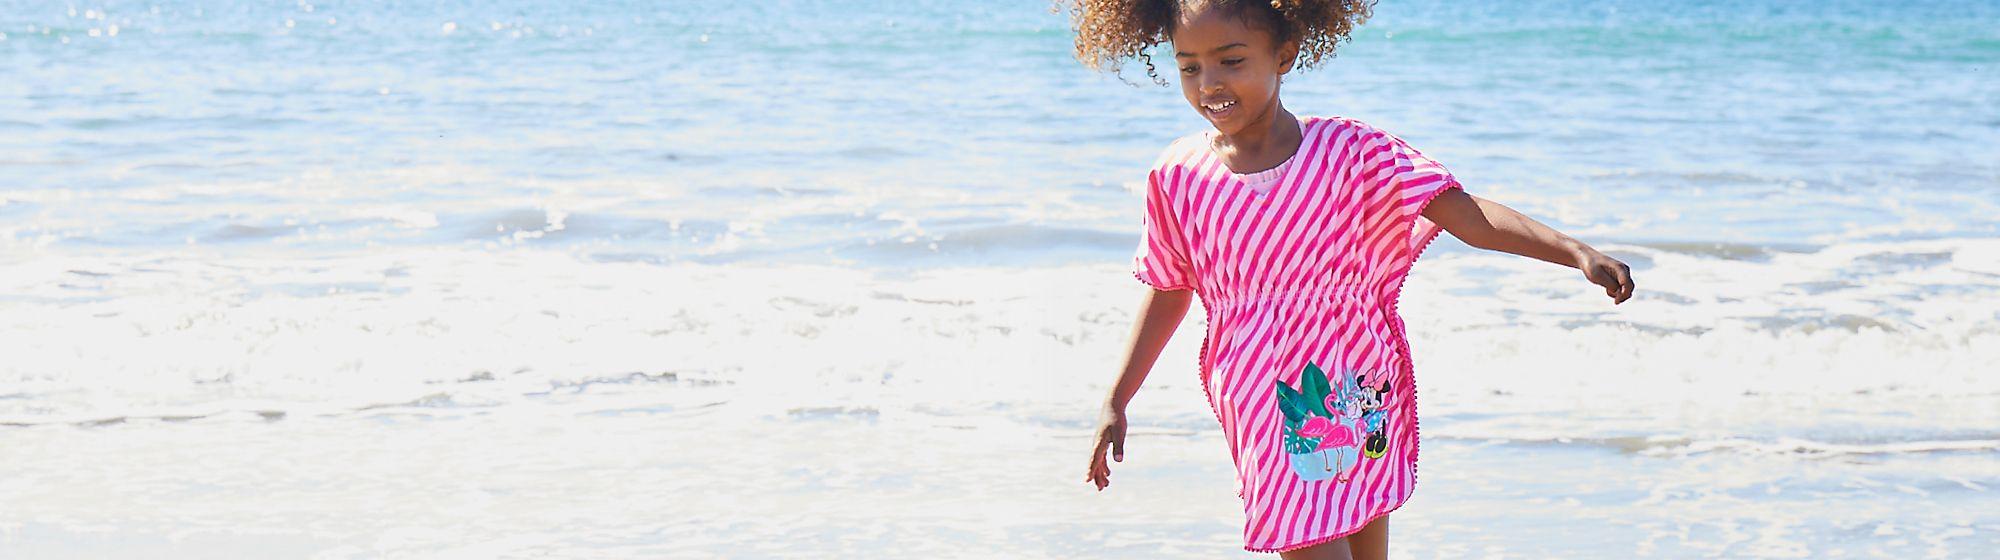 Ropa de Verano Colección de ropa Disney para verano, camisetas pantalones cortos y mucho más de sus personajes favoritos.